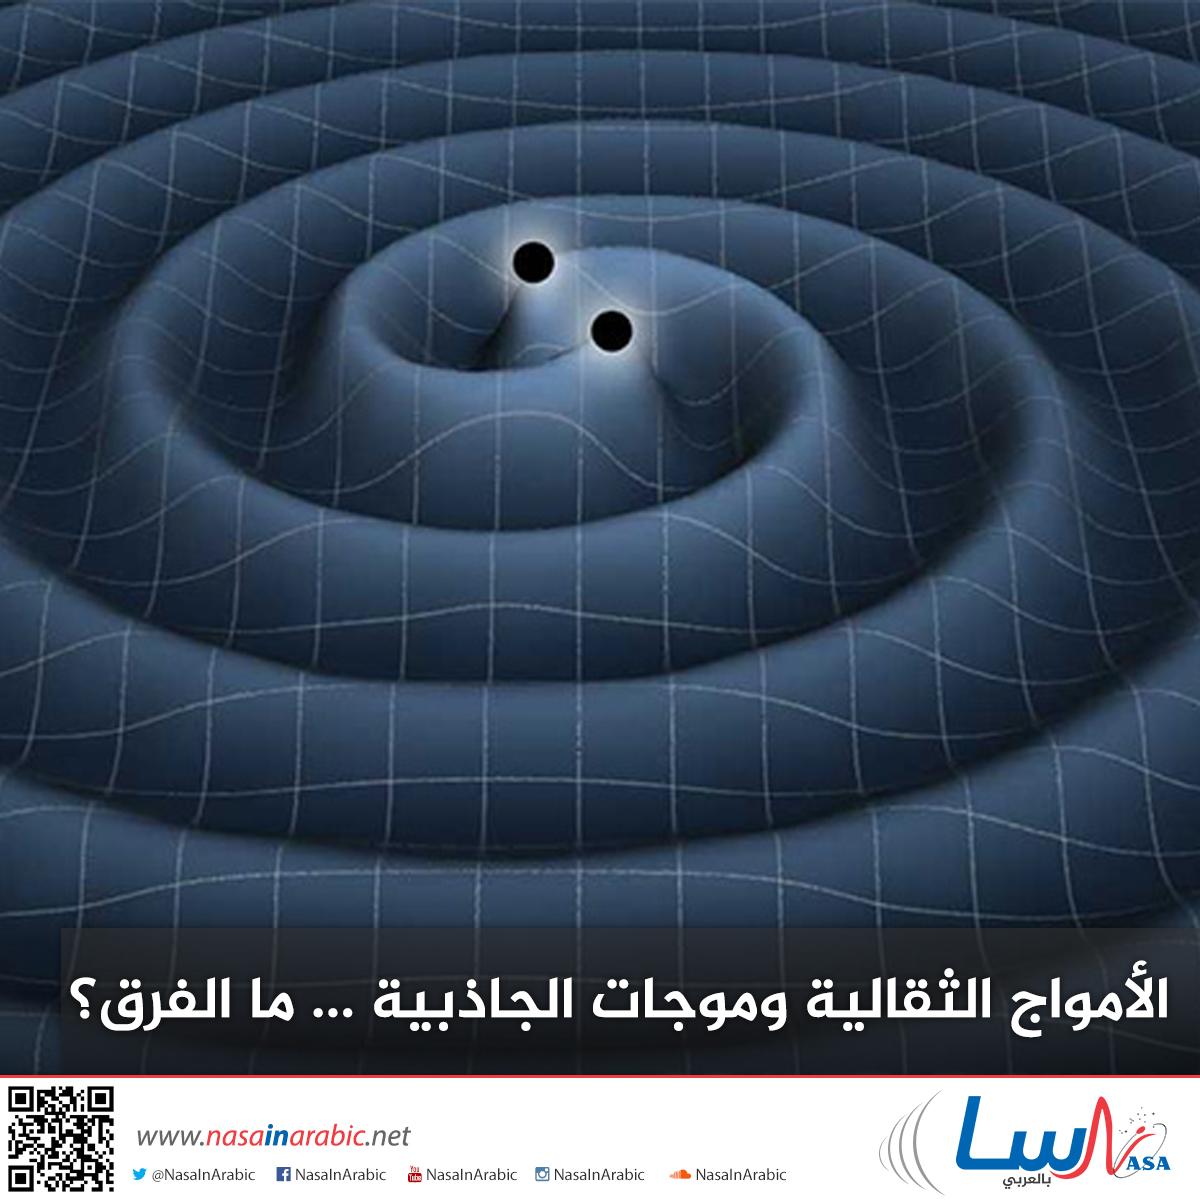 الأمواج الثقالية وموجات الجاذبية ... ما الفرق؟